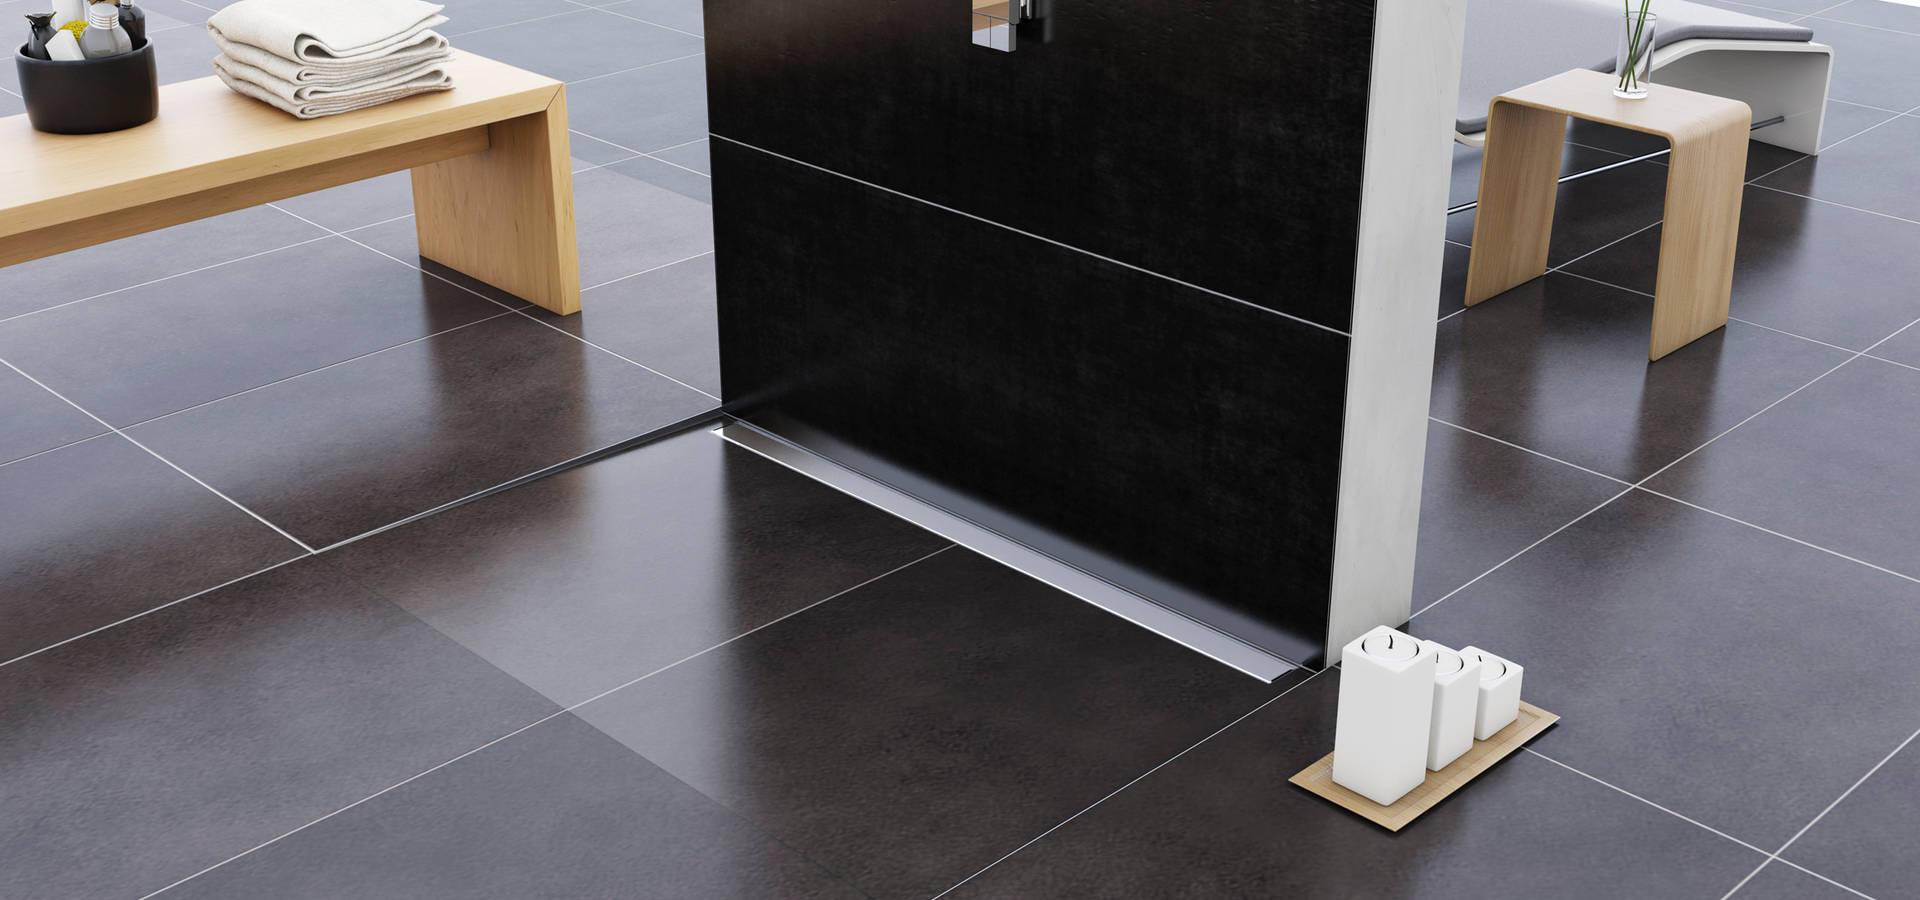 Glass Profile I Profili In Acciaio Inox Per Box Doccia Von